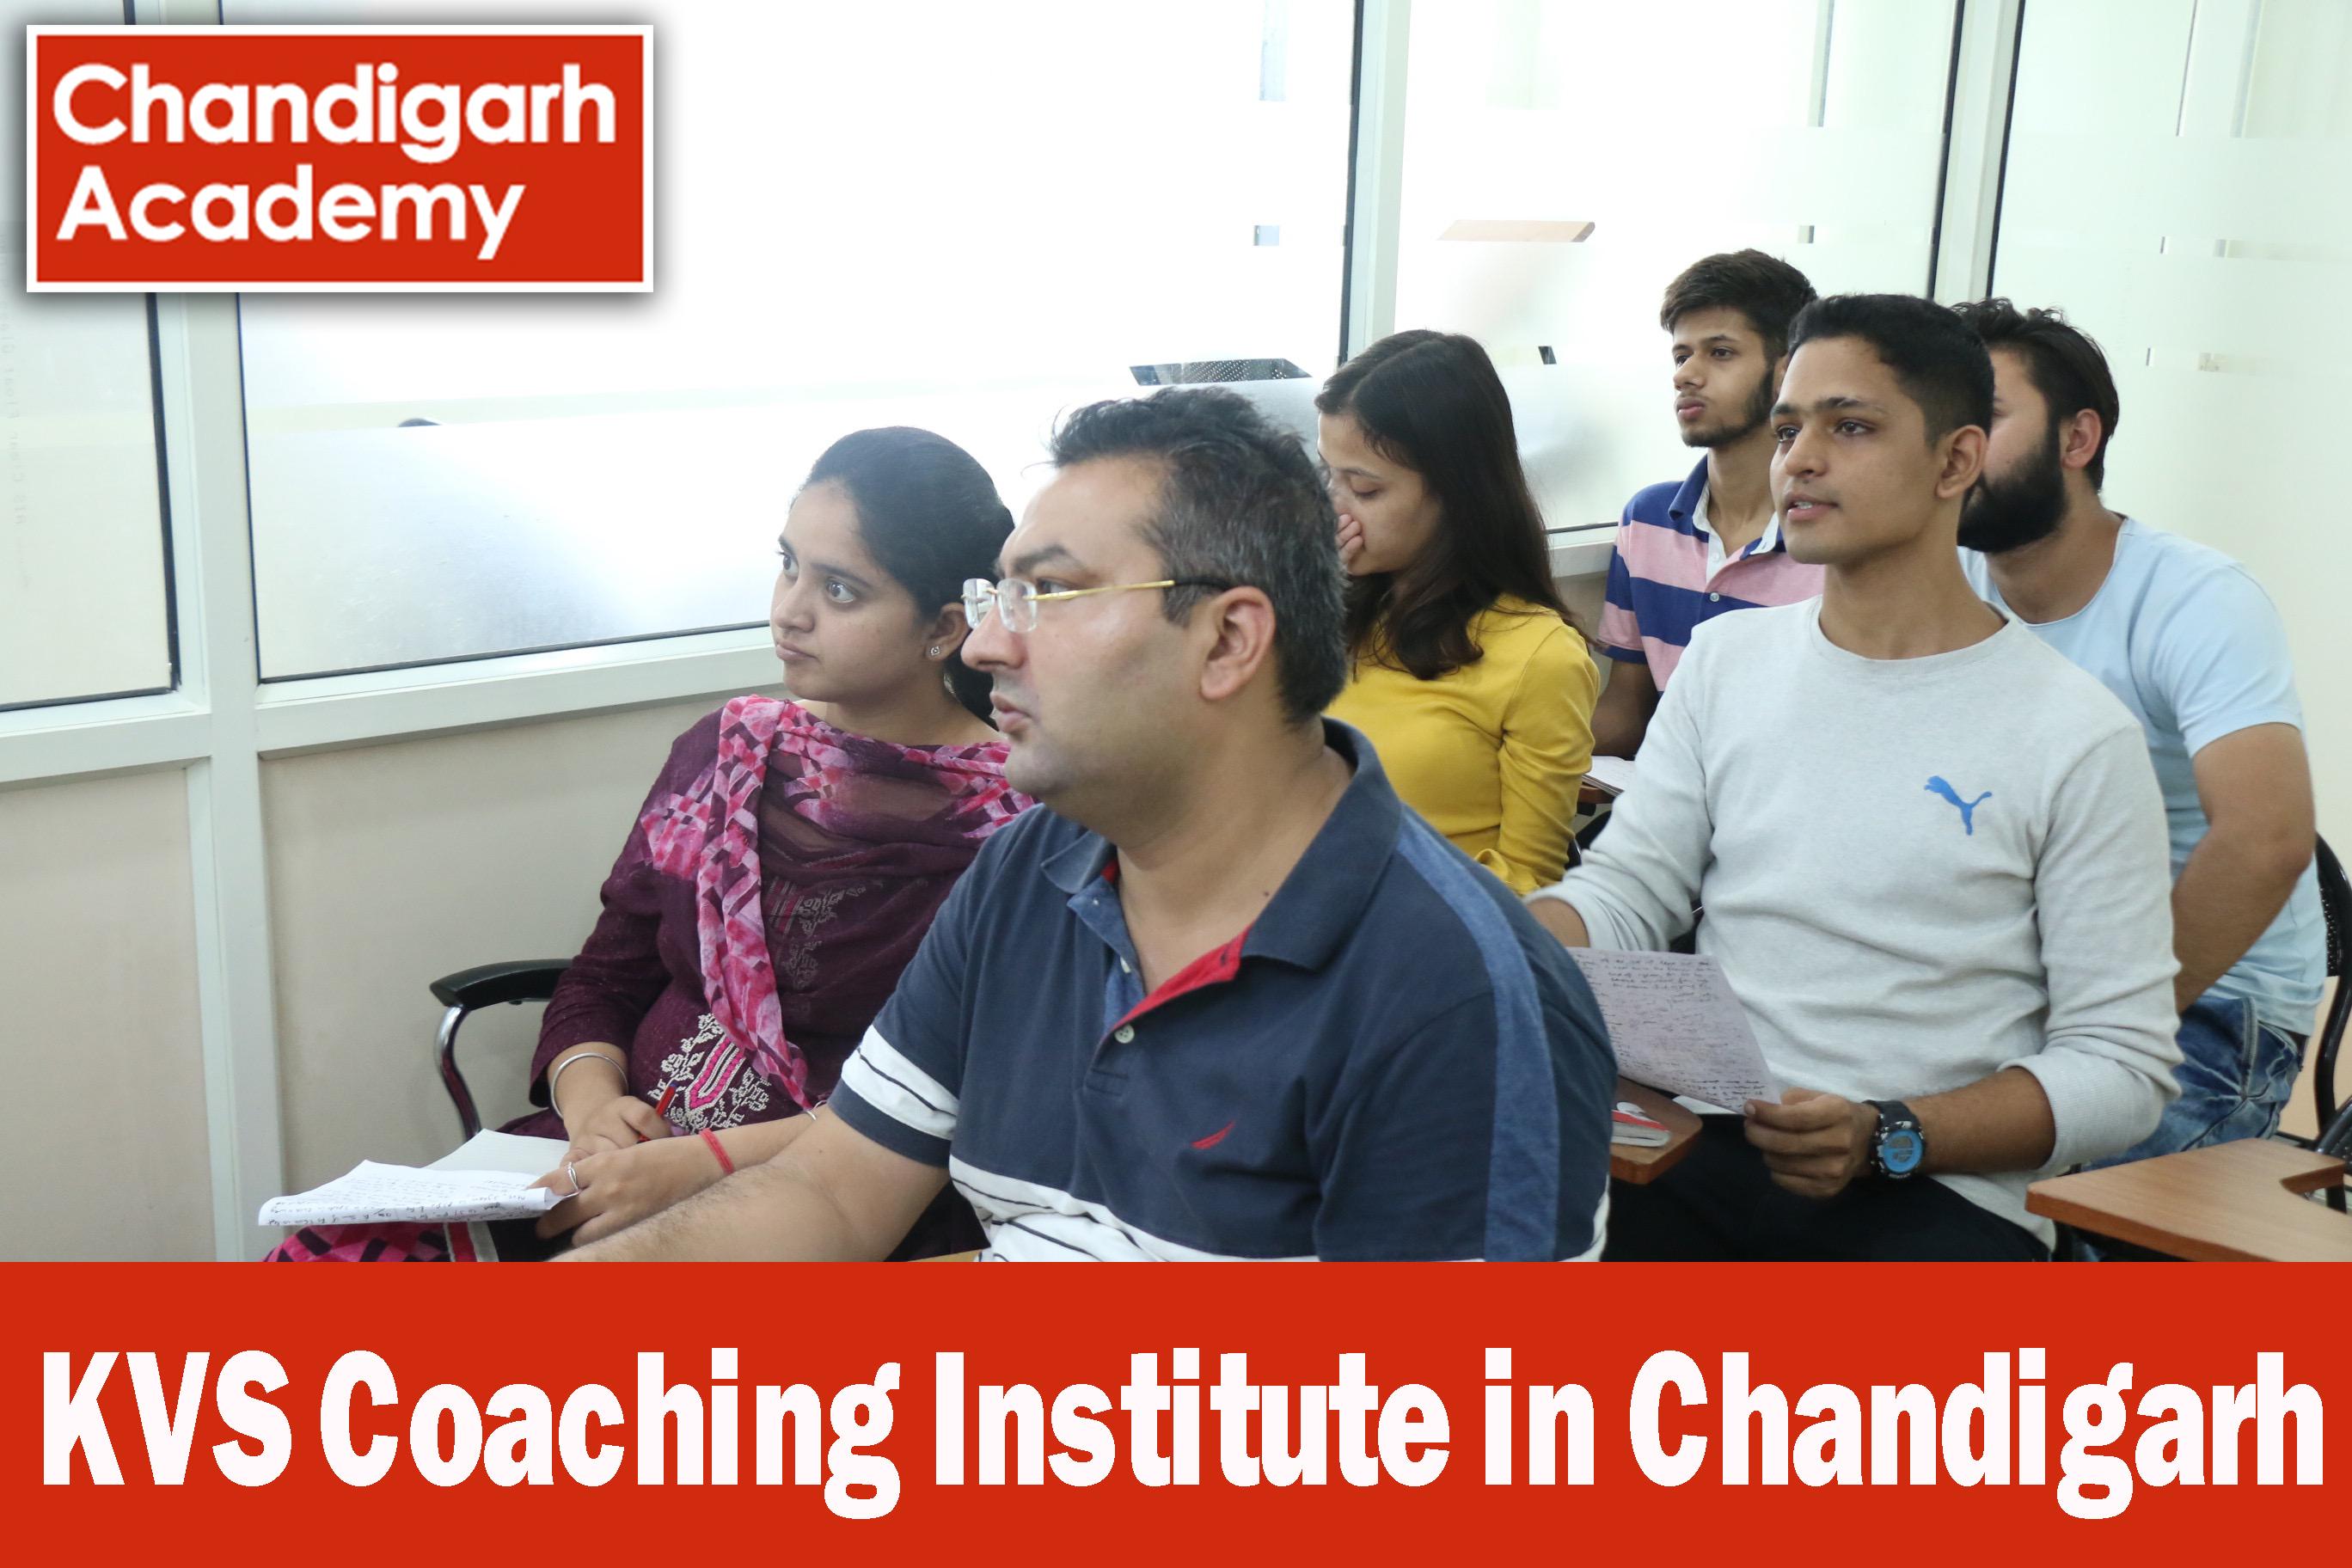 kvs coaching instutute in chandigarh